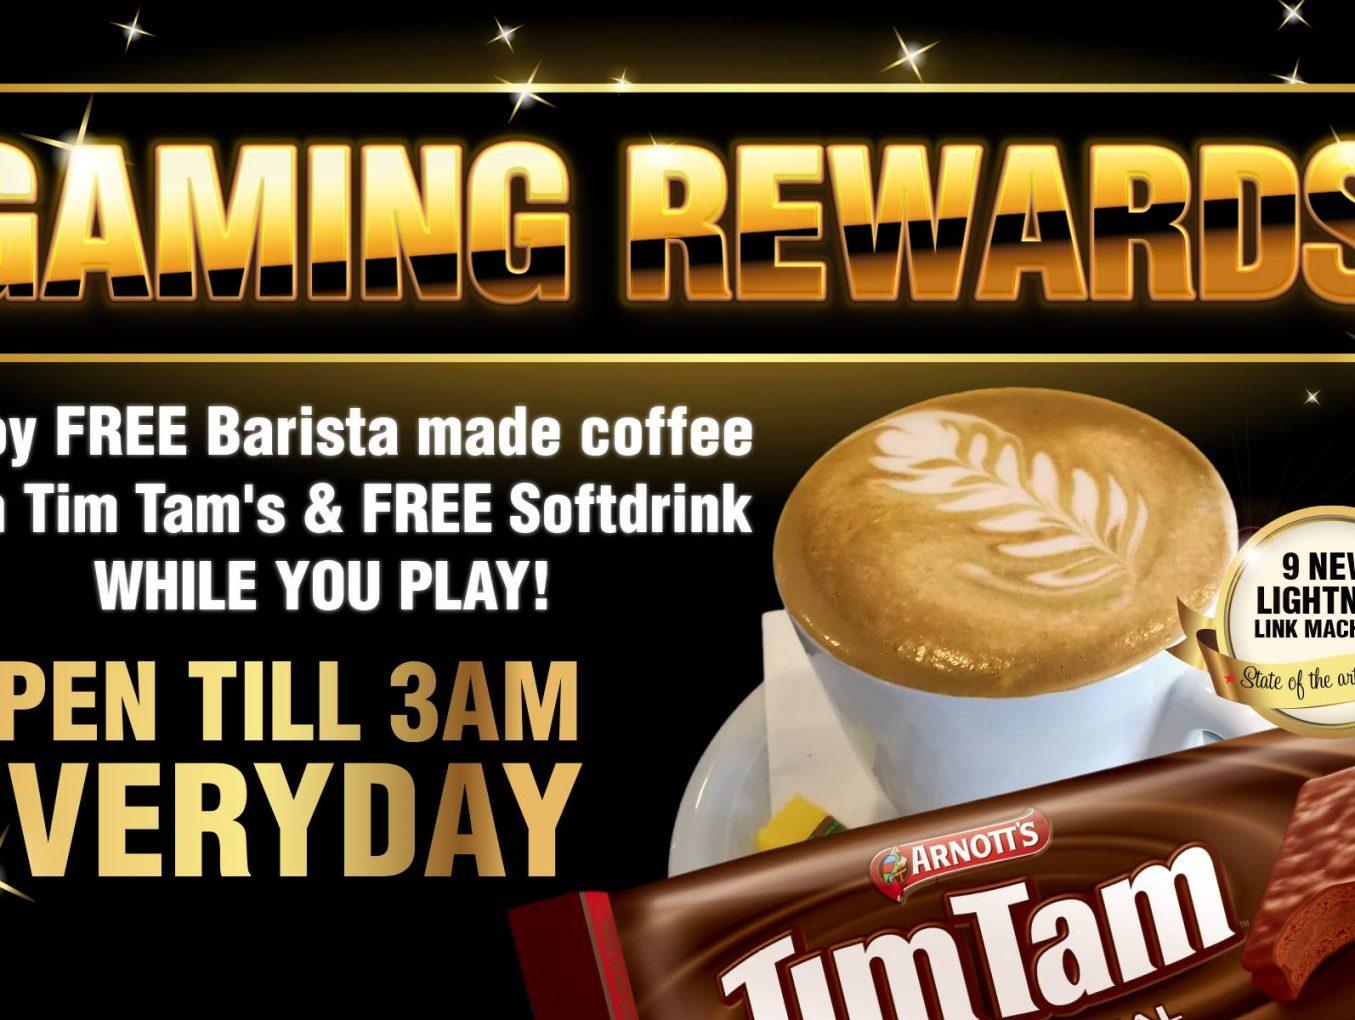 Guaranteed Gaming Rewards